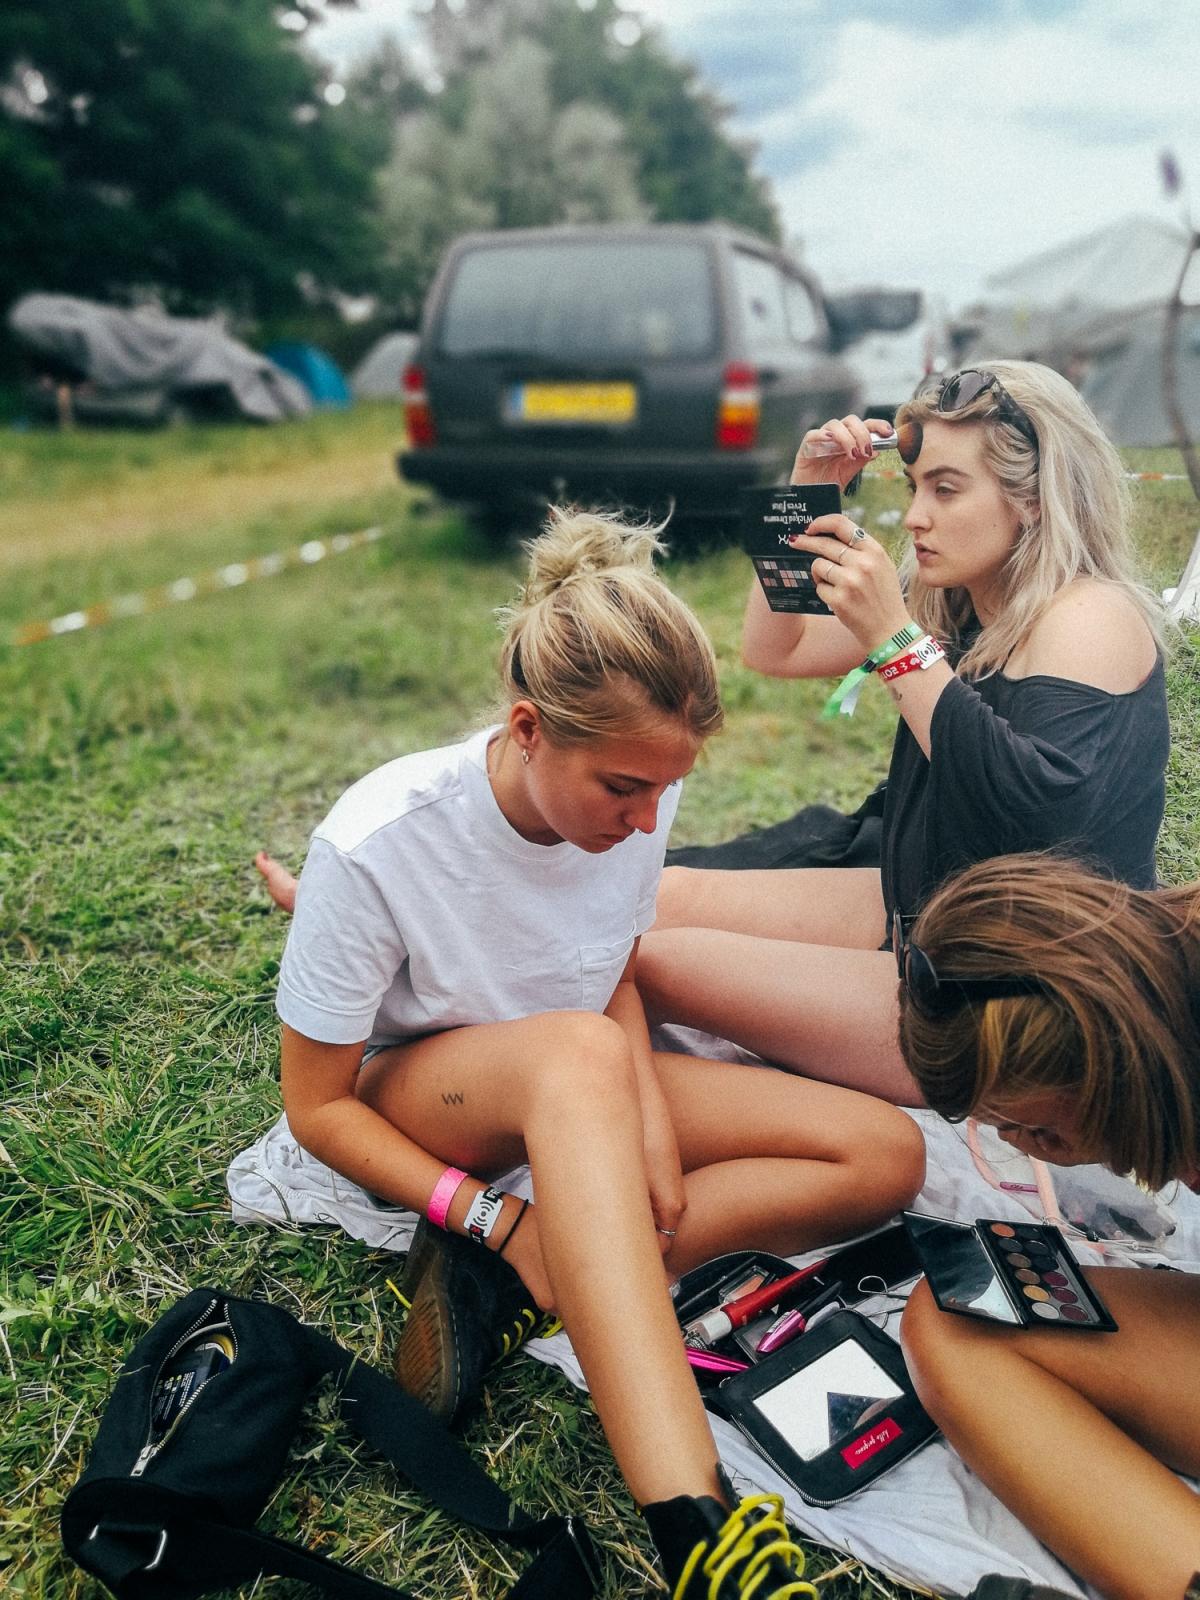 Girls Gang, abgelichtet im Porträt Modus